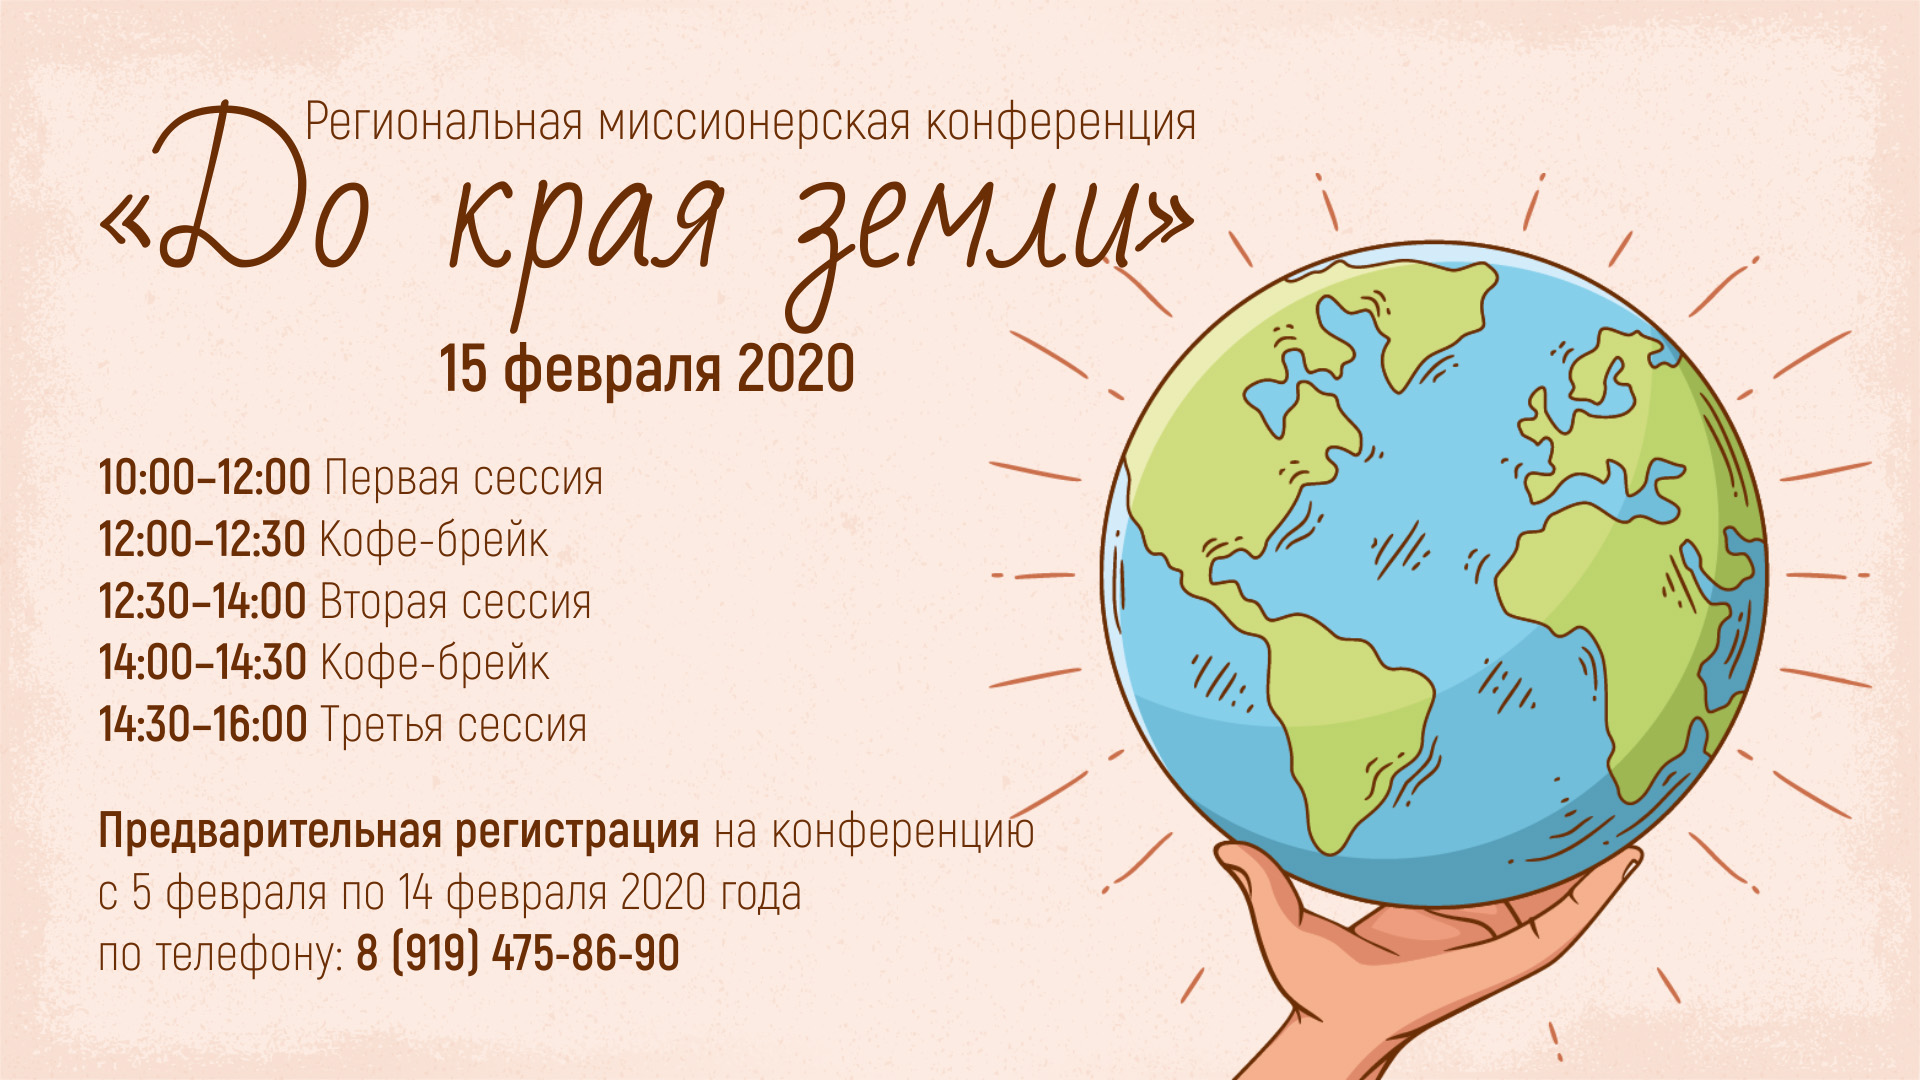 В Перми пройдёт региональная миссионерская конференция